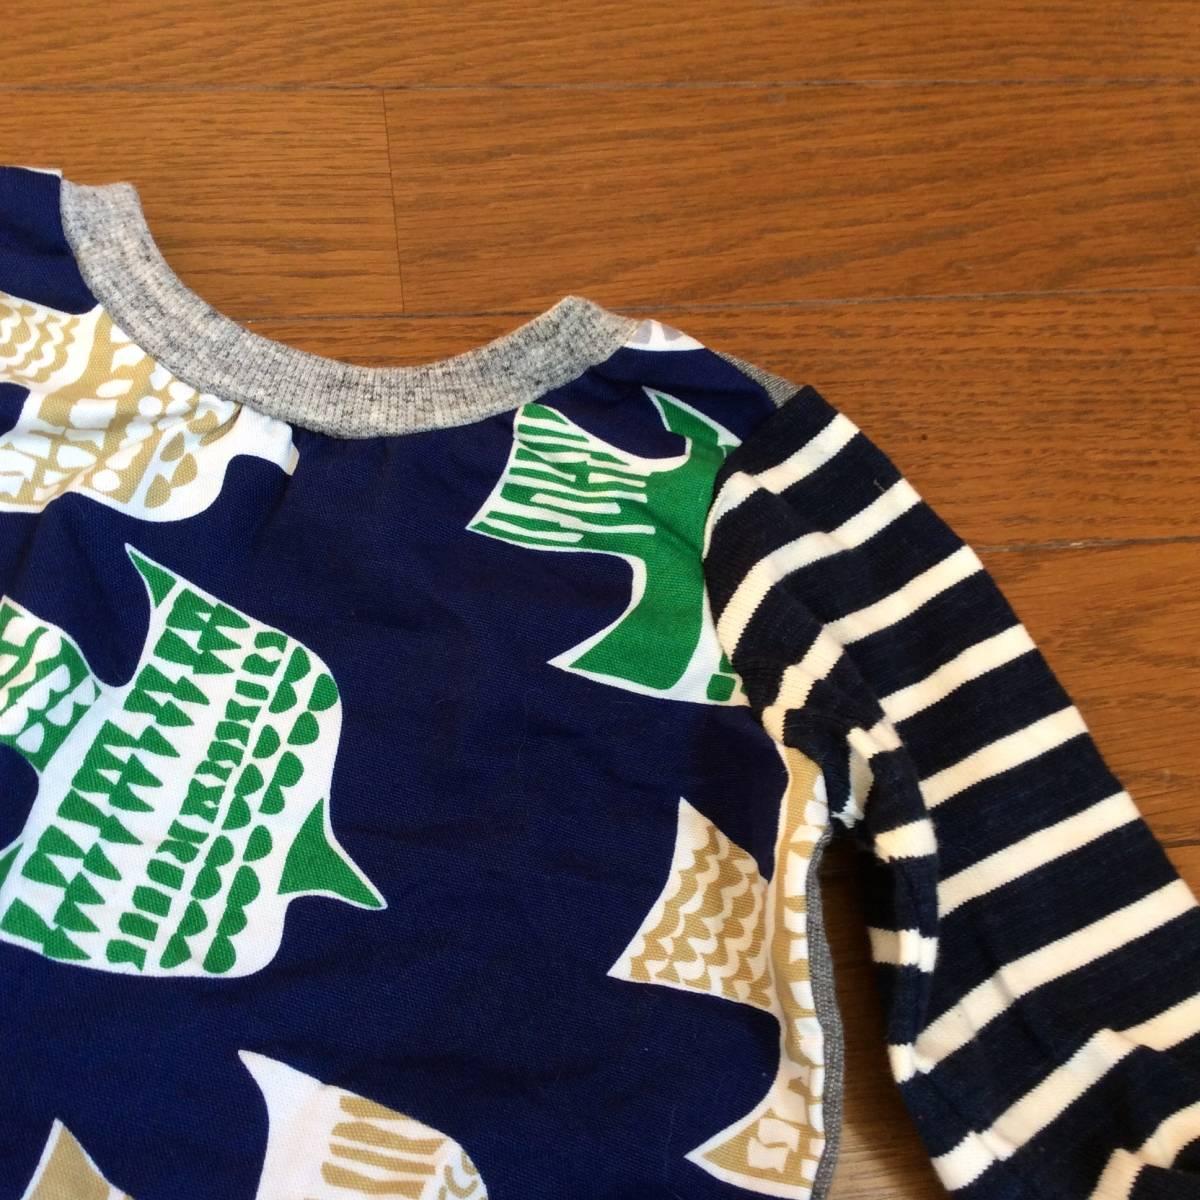 日々の服*ハンドメイド*切り替えT6分袖 100/ブルー、グレー、バード、鳥、ネイビー、グリーン_画像2